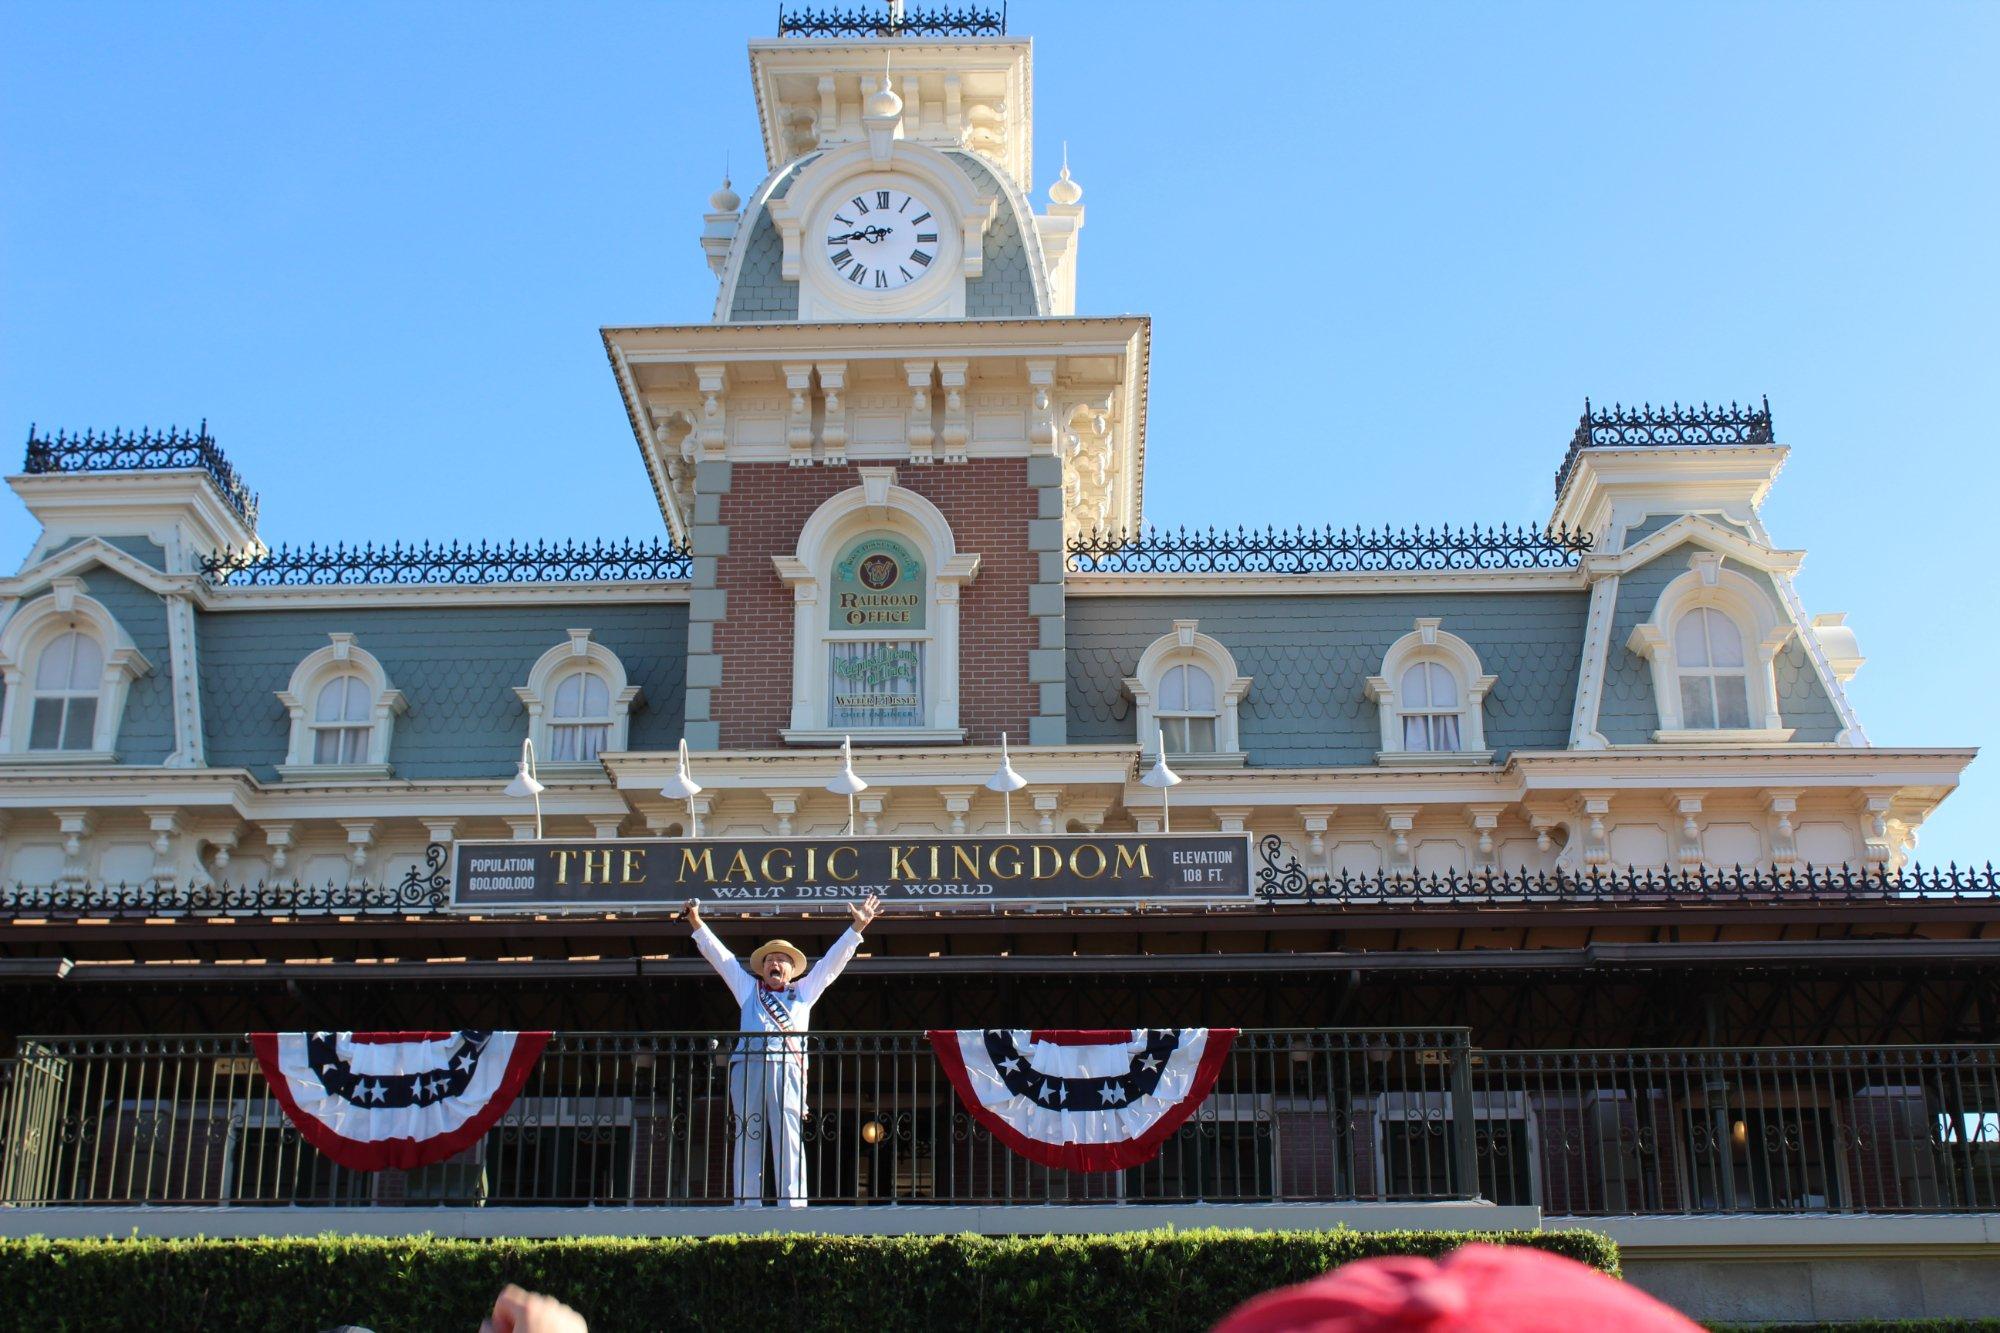 Entrada e abertura do Parque Magic Kingdom